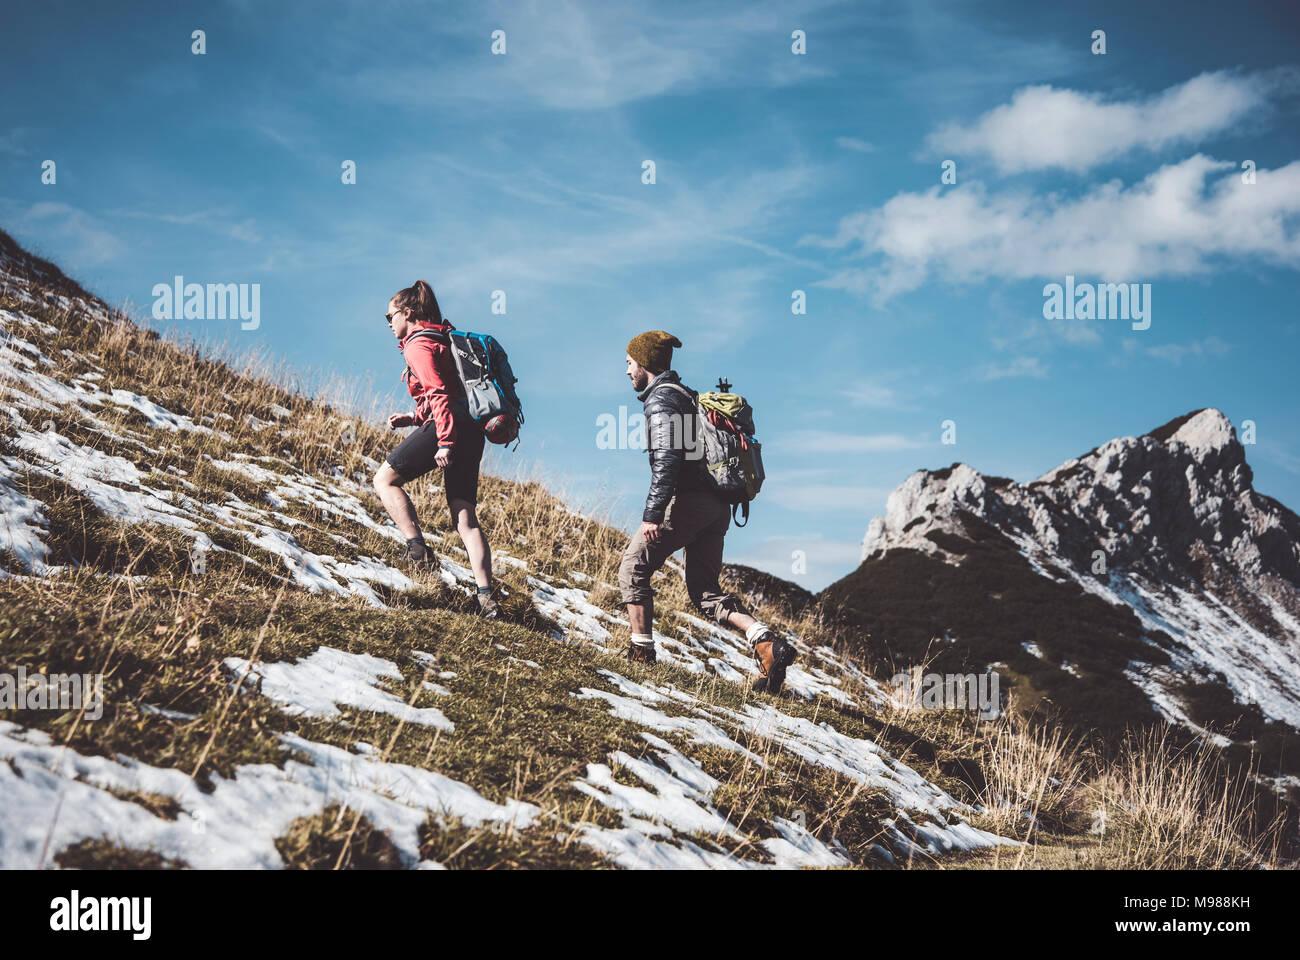 Autriche, Tyrol, jeune couple randonnées en montagne Photo Stock